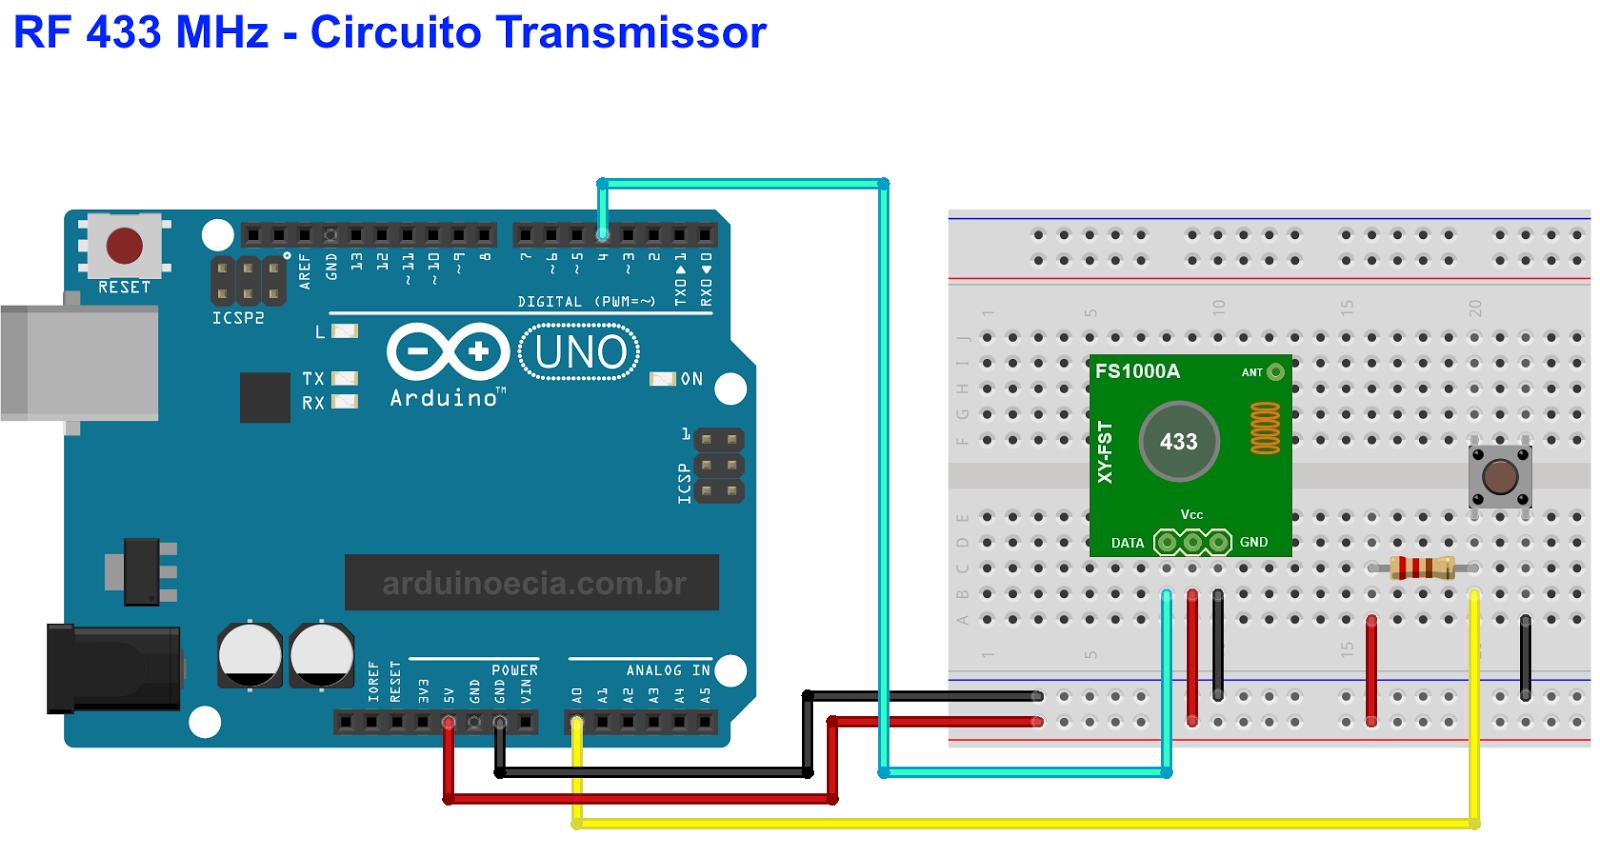 Circuito Arduino Módulo RF 433 MHz - Transmissor